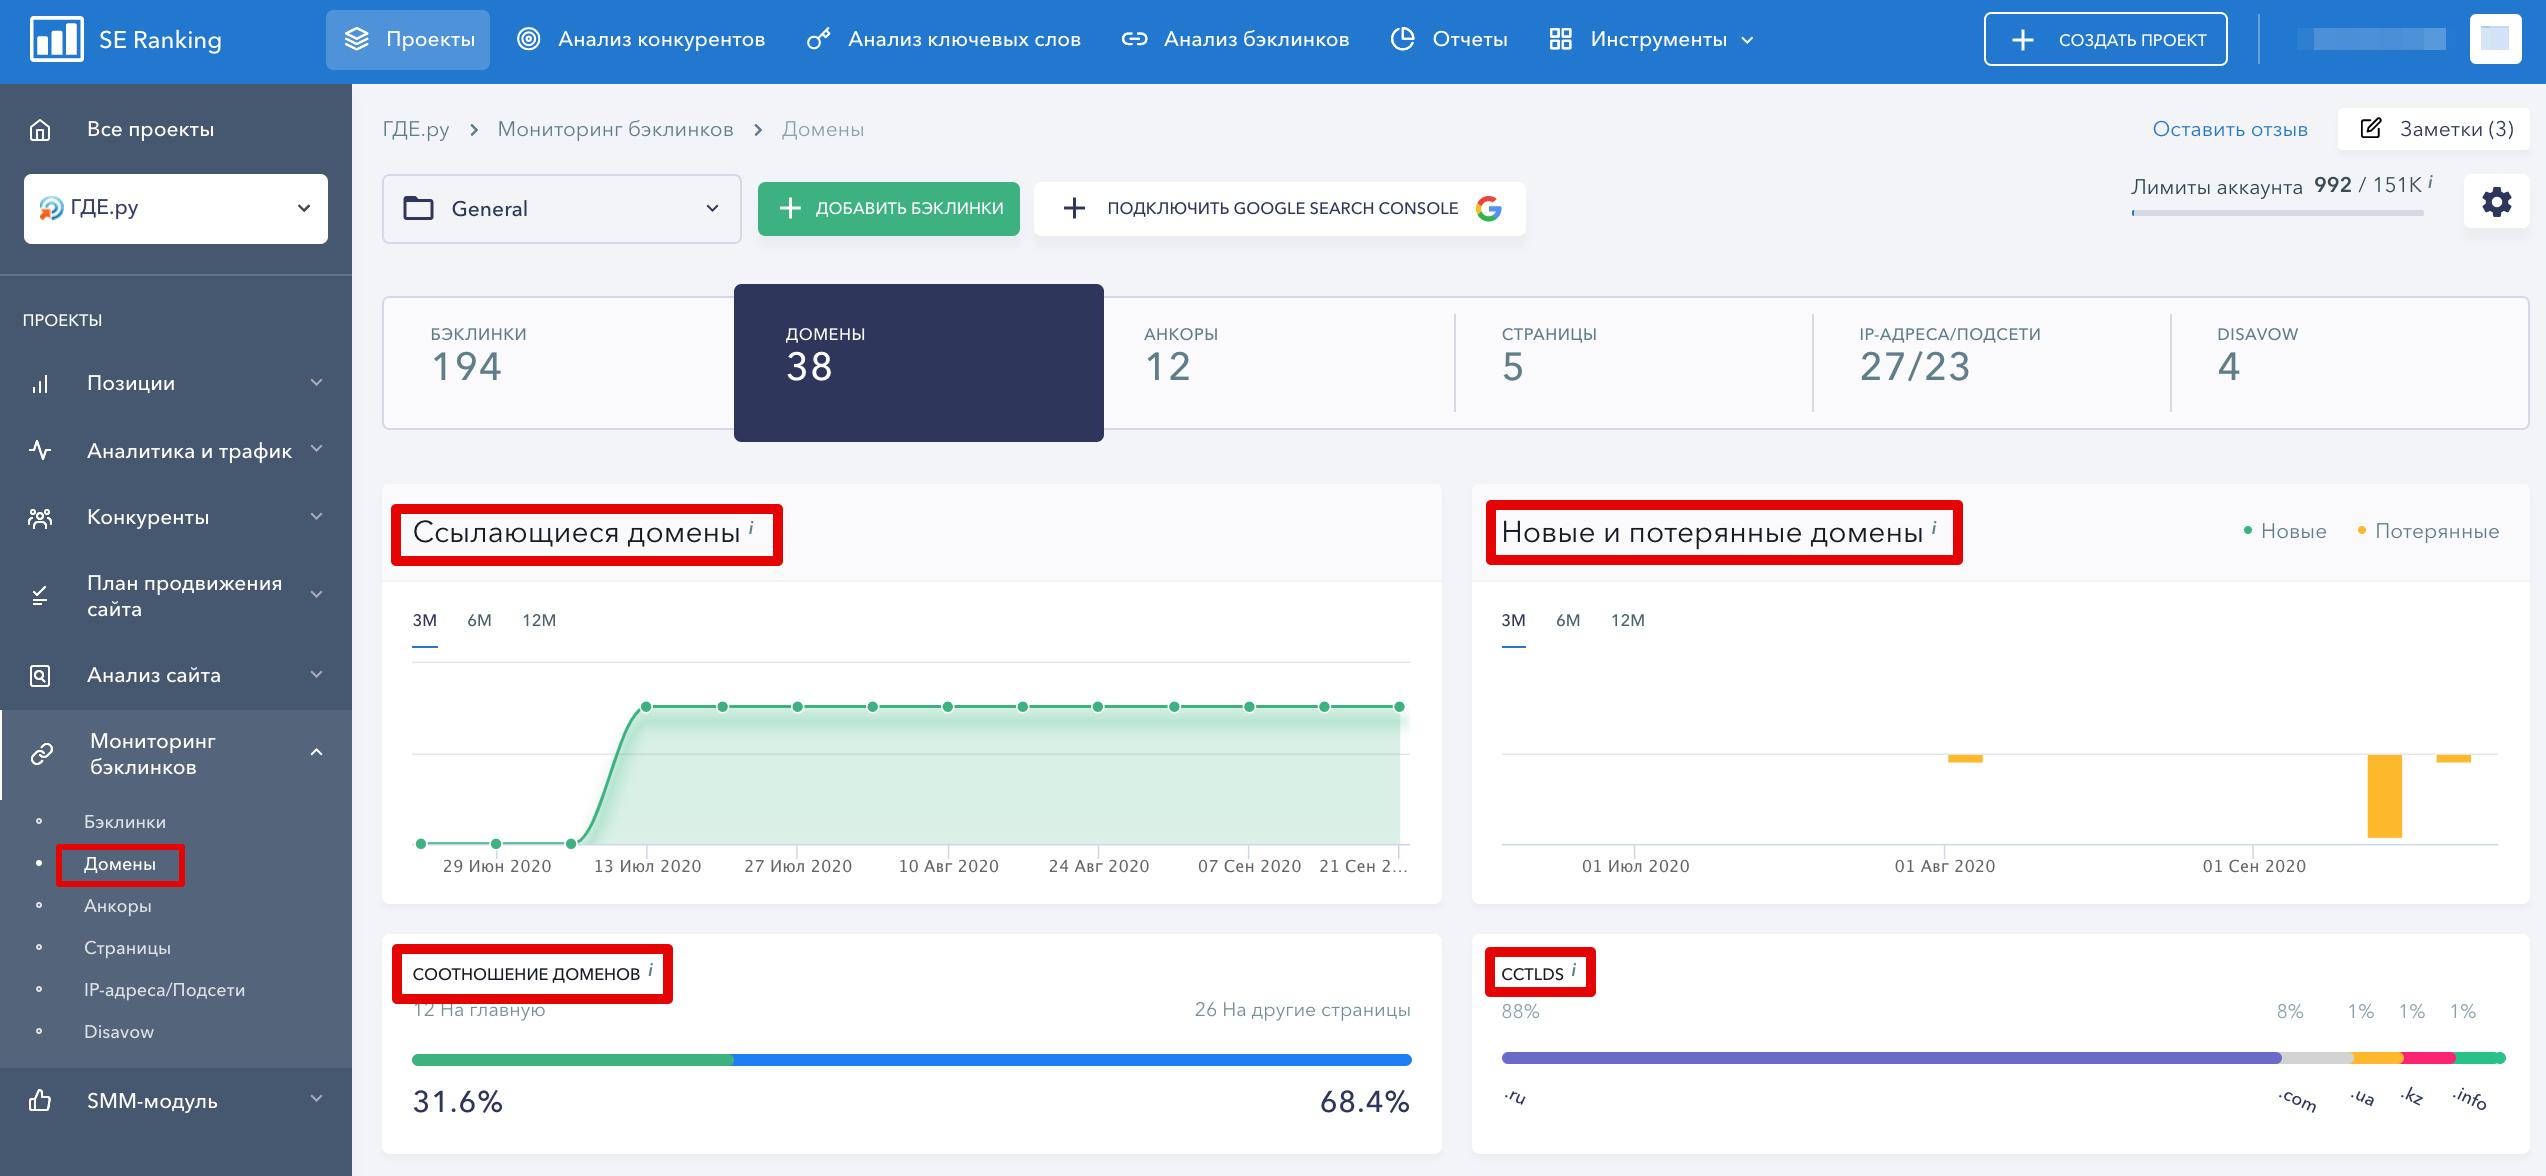 backlink-monitor-domains